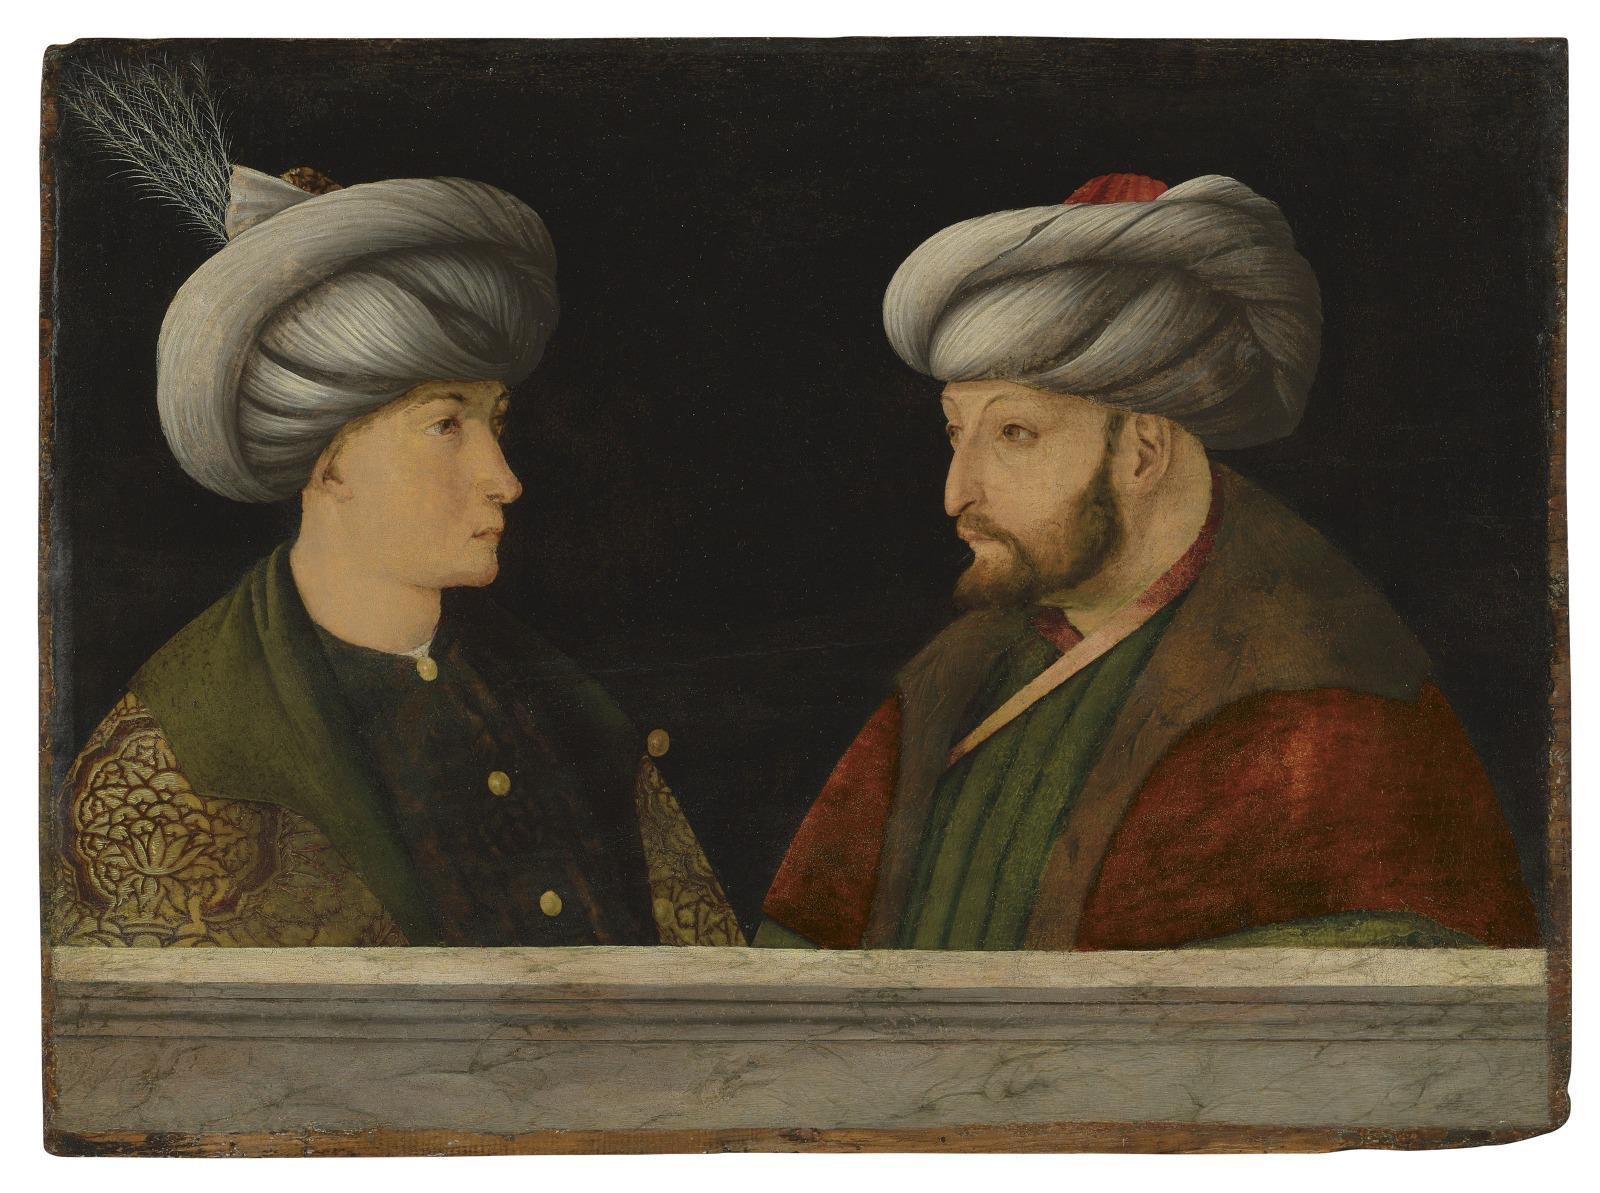 Fatih'in tablosu satıldı mı, çalındı mı?